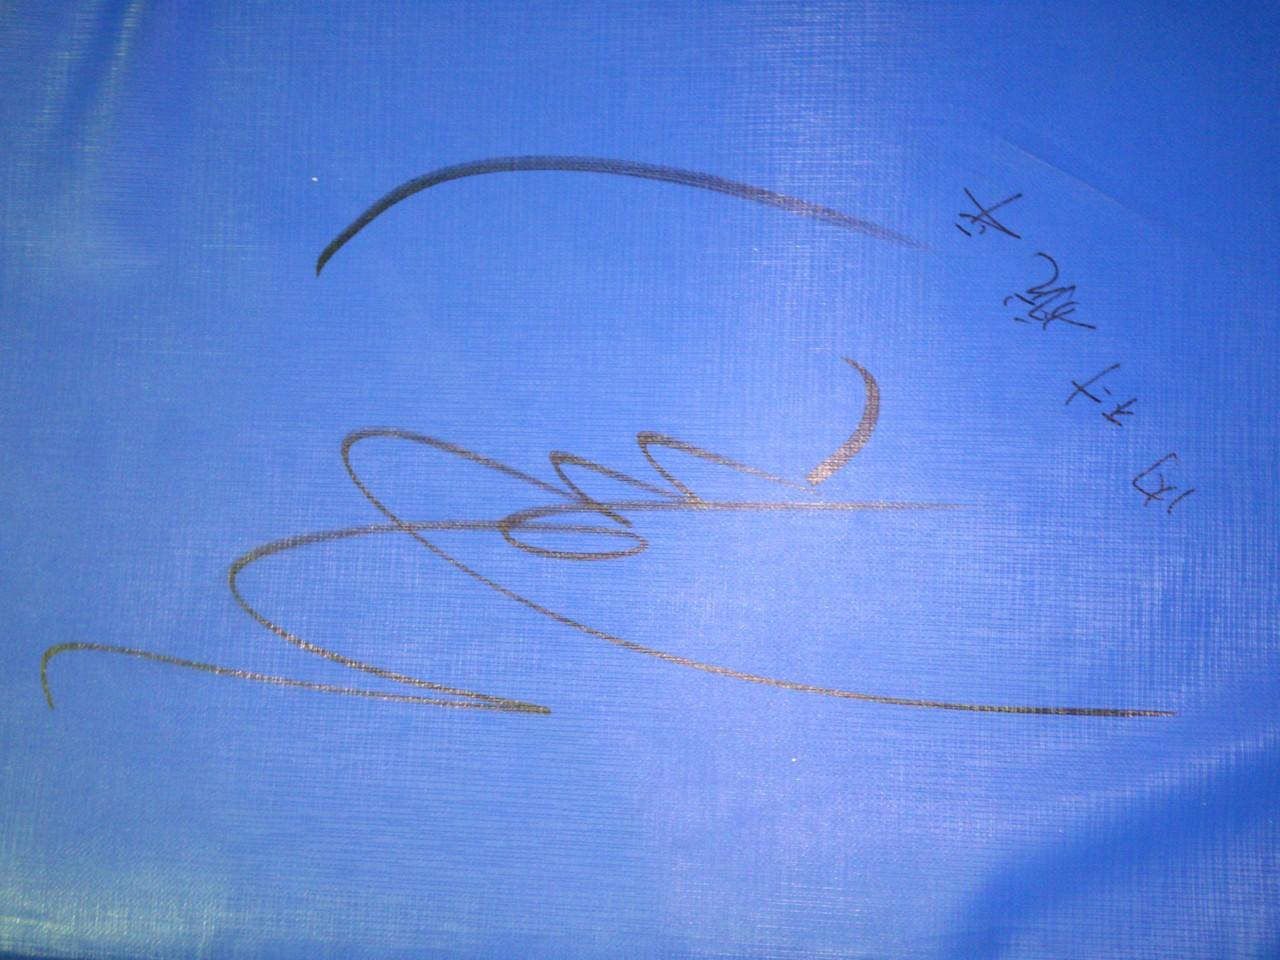 トランポリンにサインしていただきました(^^)・・・体操:内村航平選手